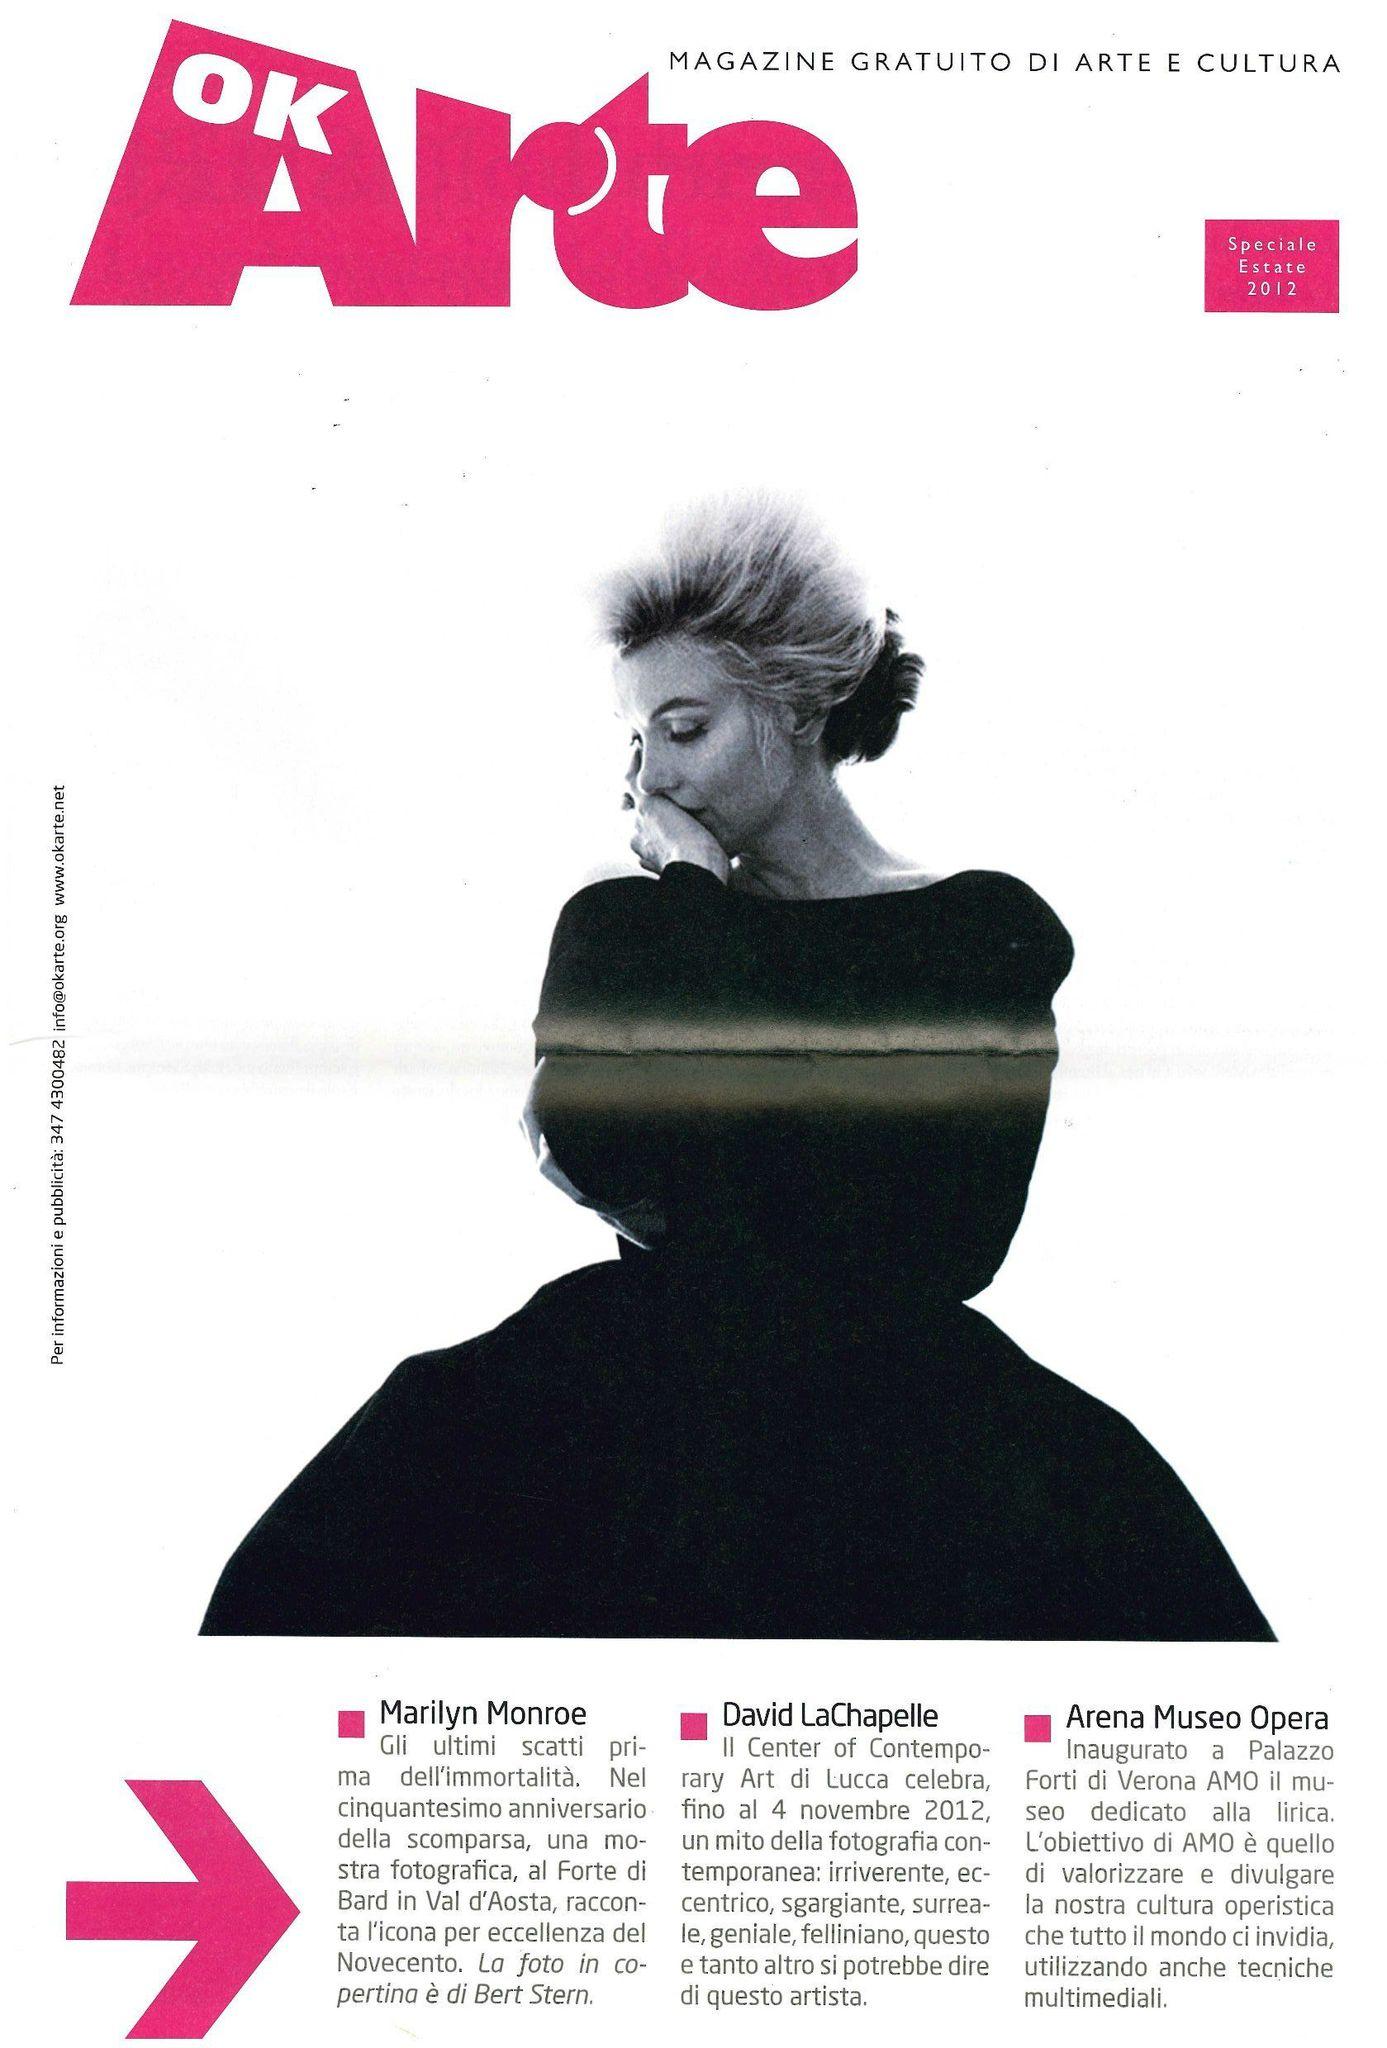 OK Arte (It) 2012